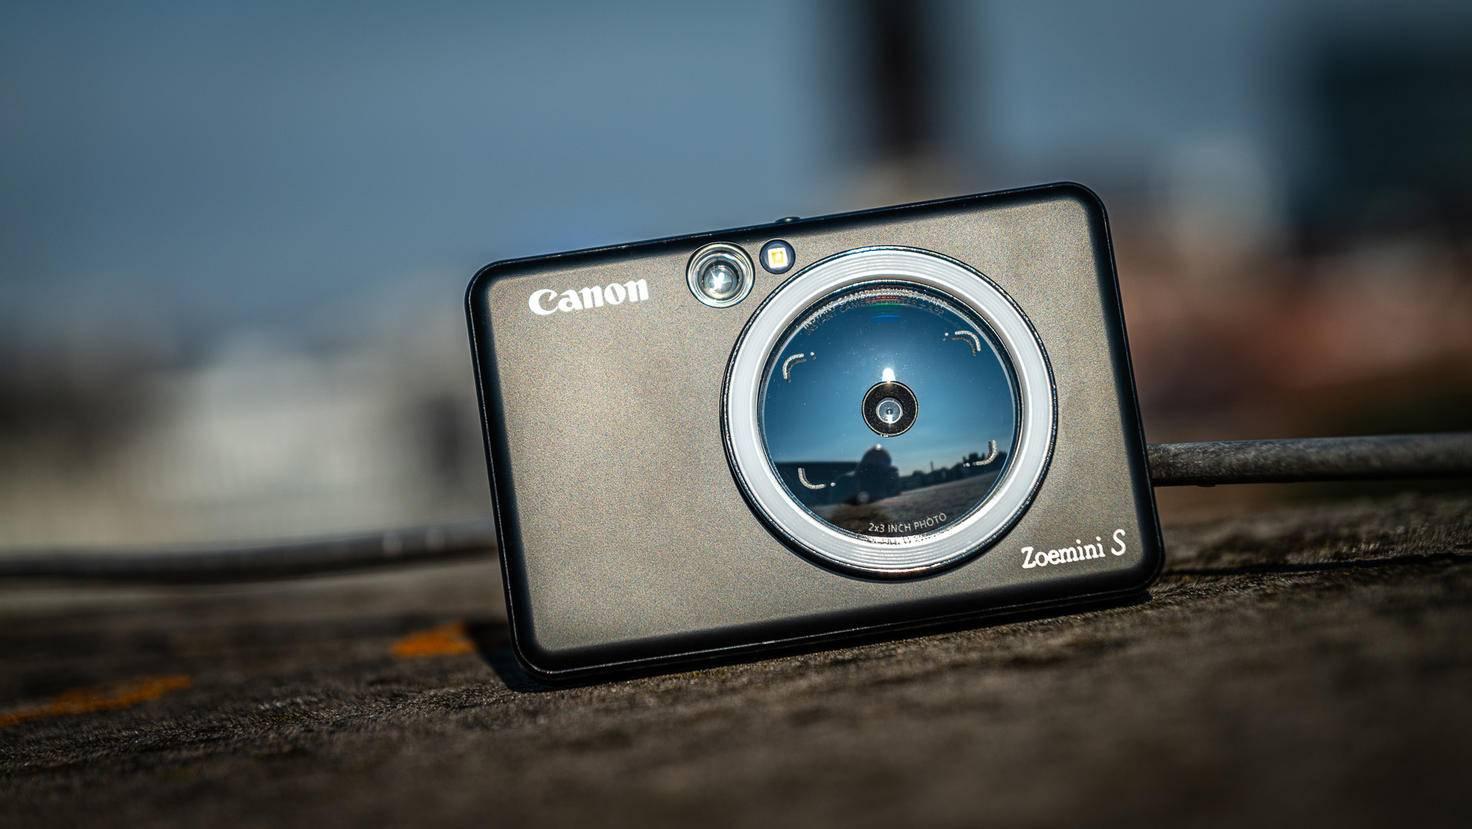 Canon Zoemini S Spiegel